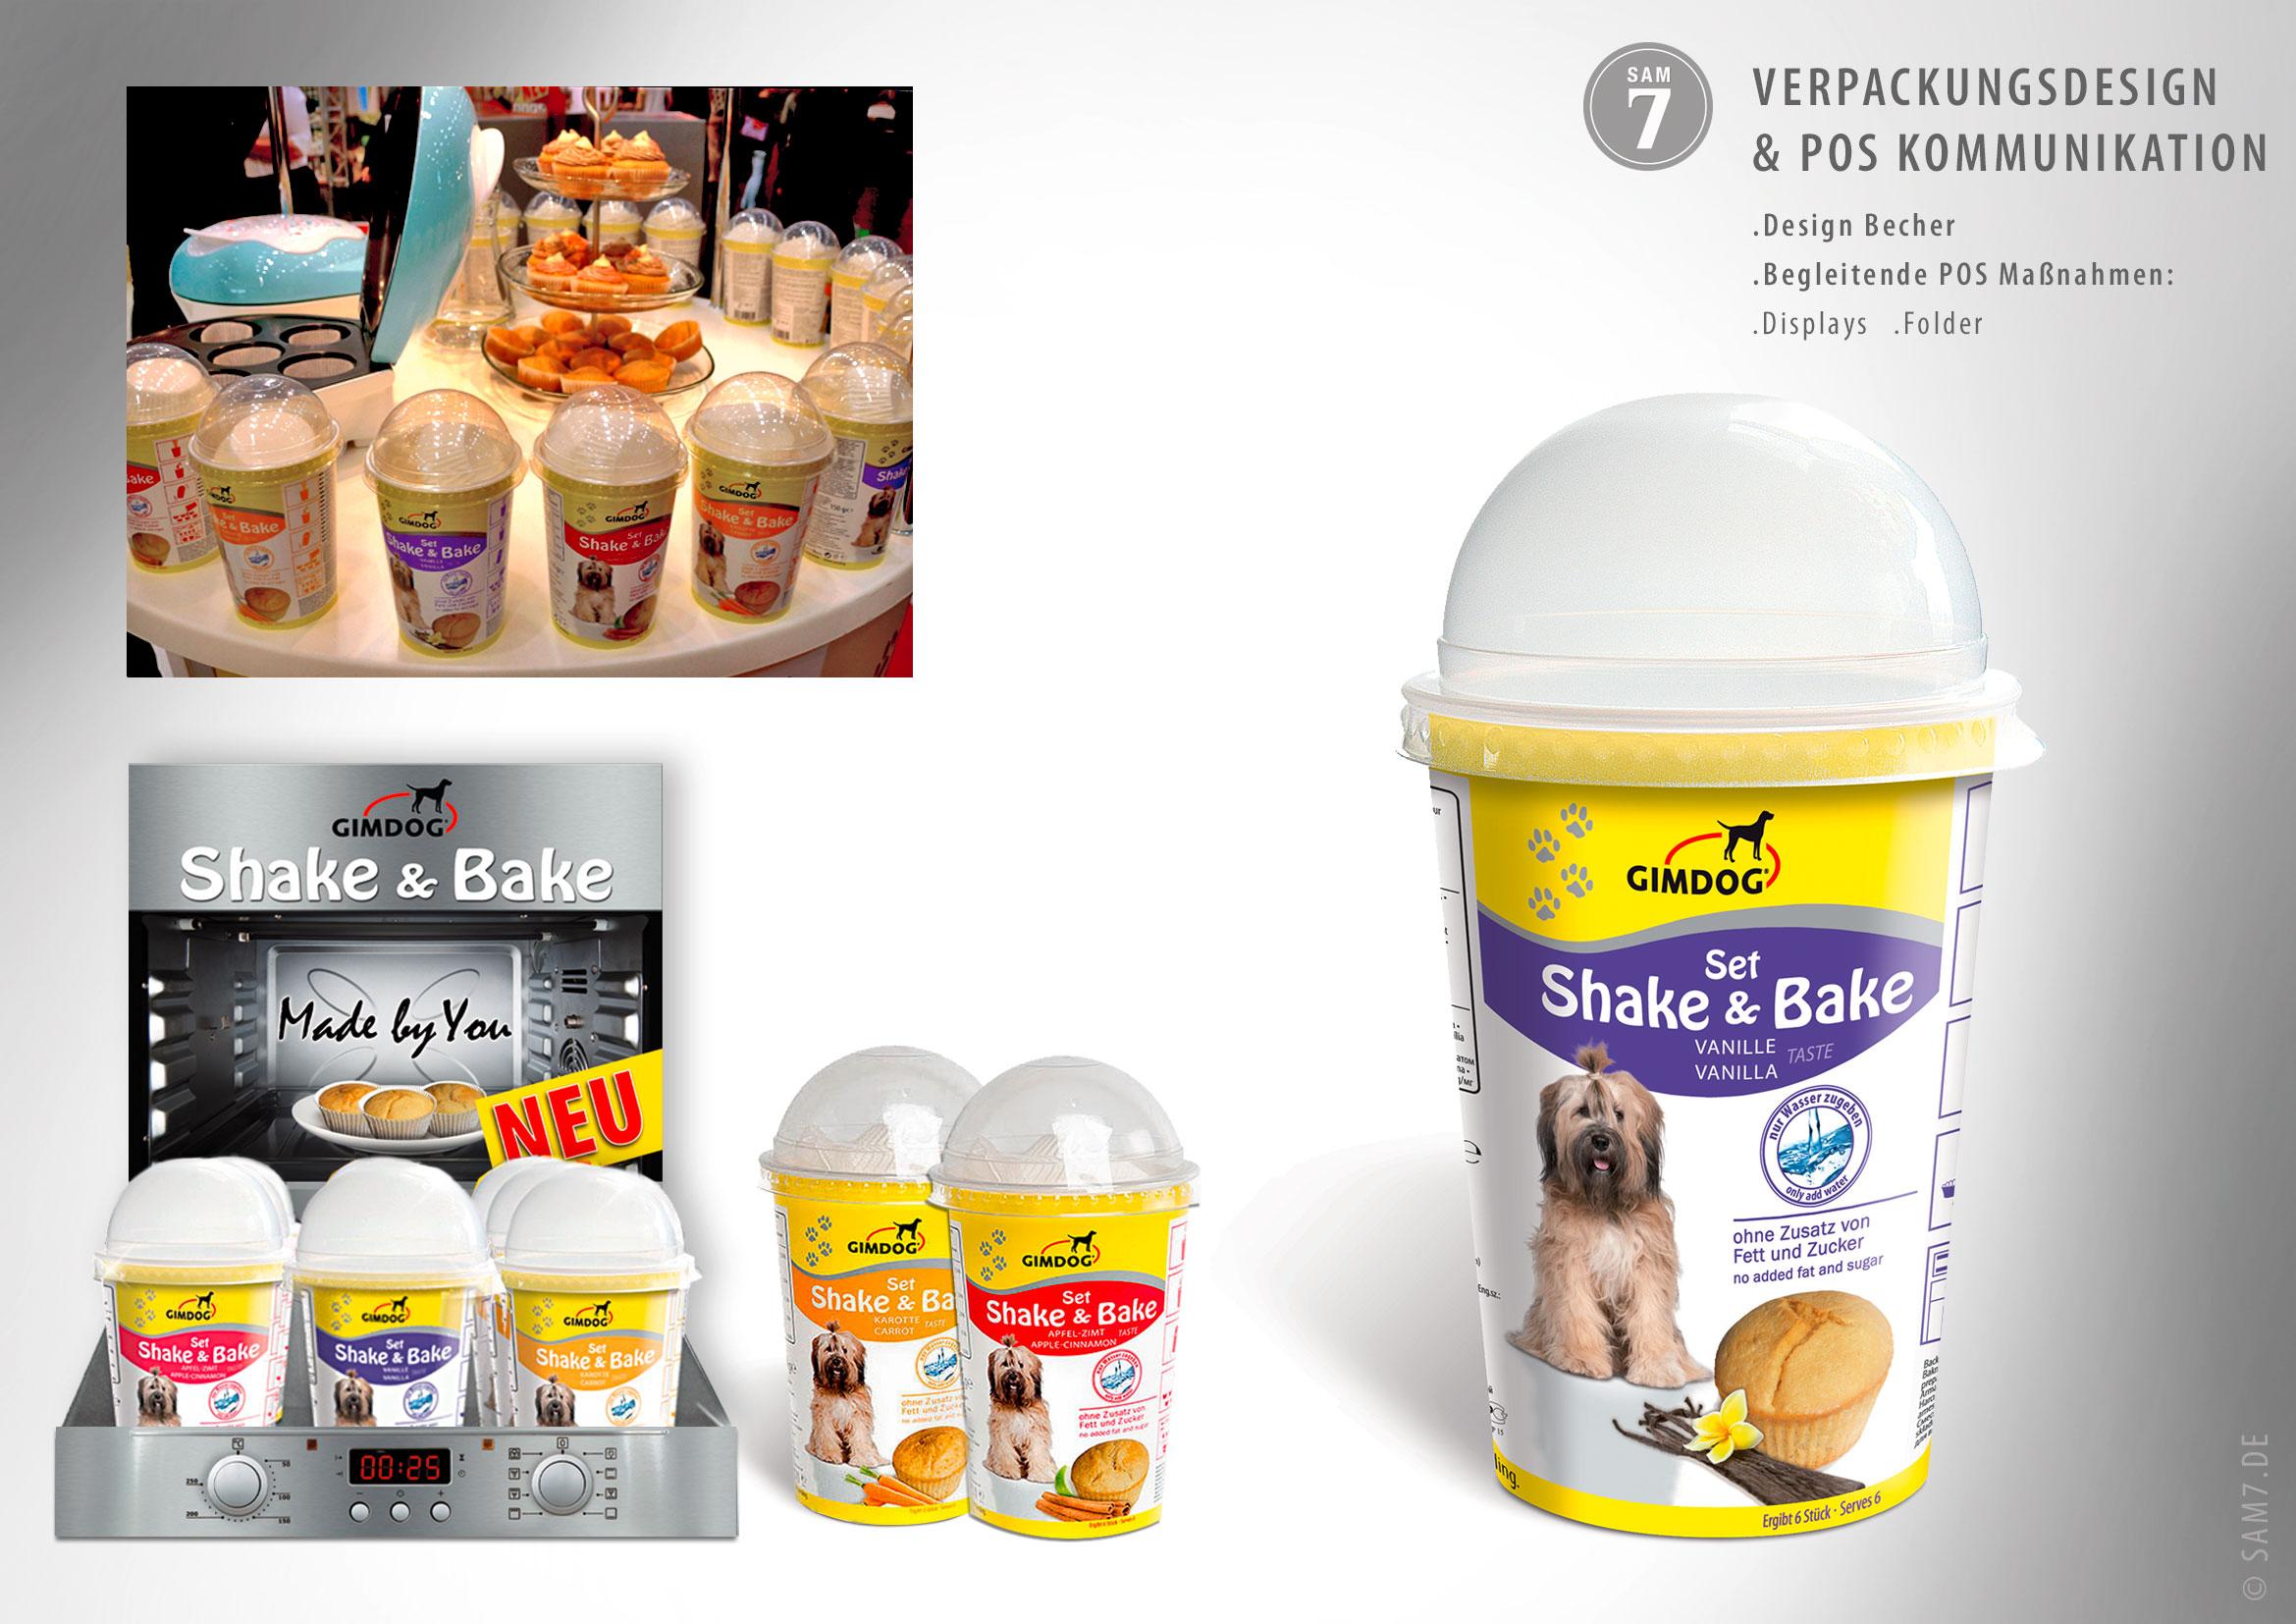 Verpackungsdesign Gimdog Shake Bake.